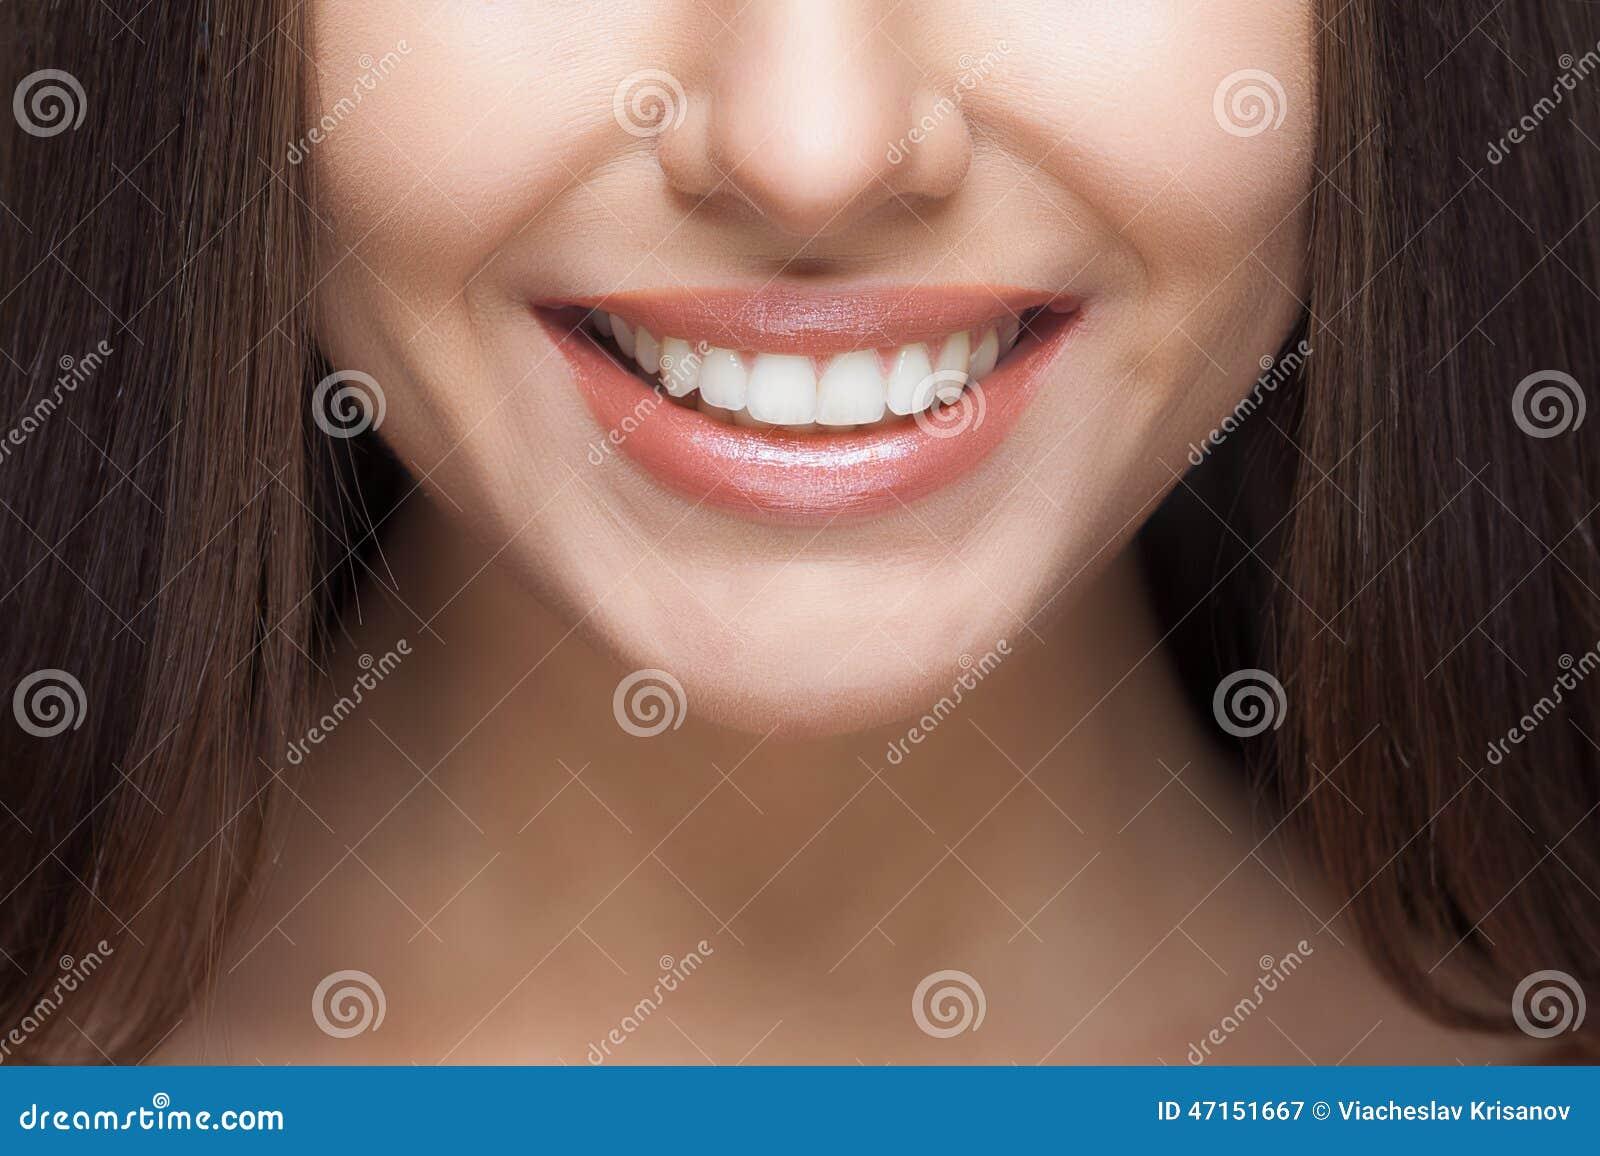 Piękne czynnych fitness dziewczyny osoby fizycznej dziewczyn ładny uśmiech nastolatków kobiety nastoletnich uśmiechniętych młodyc